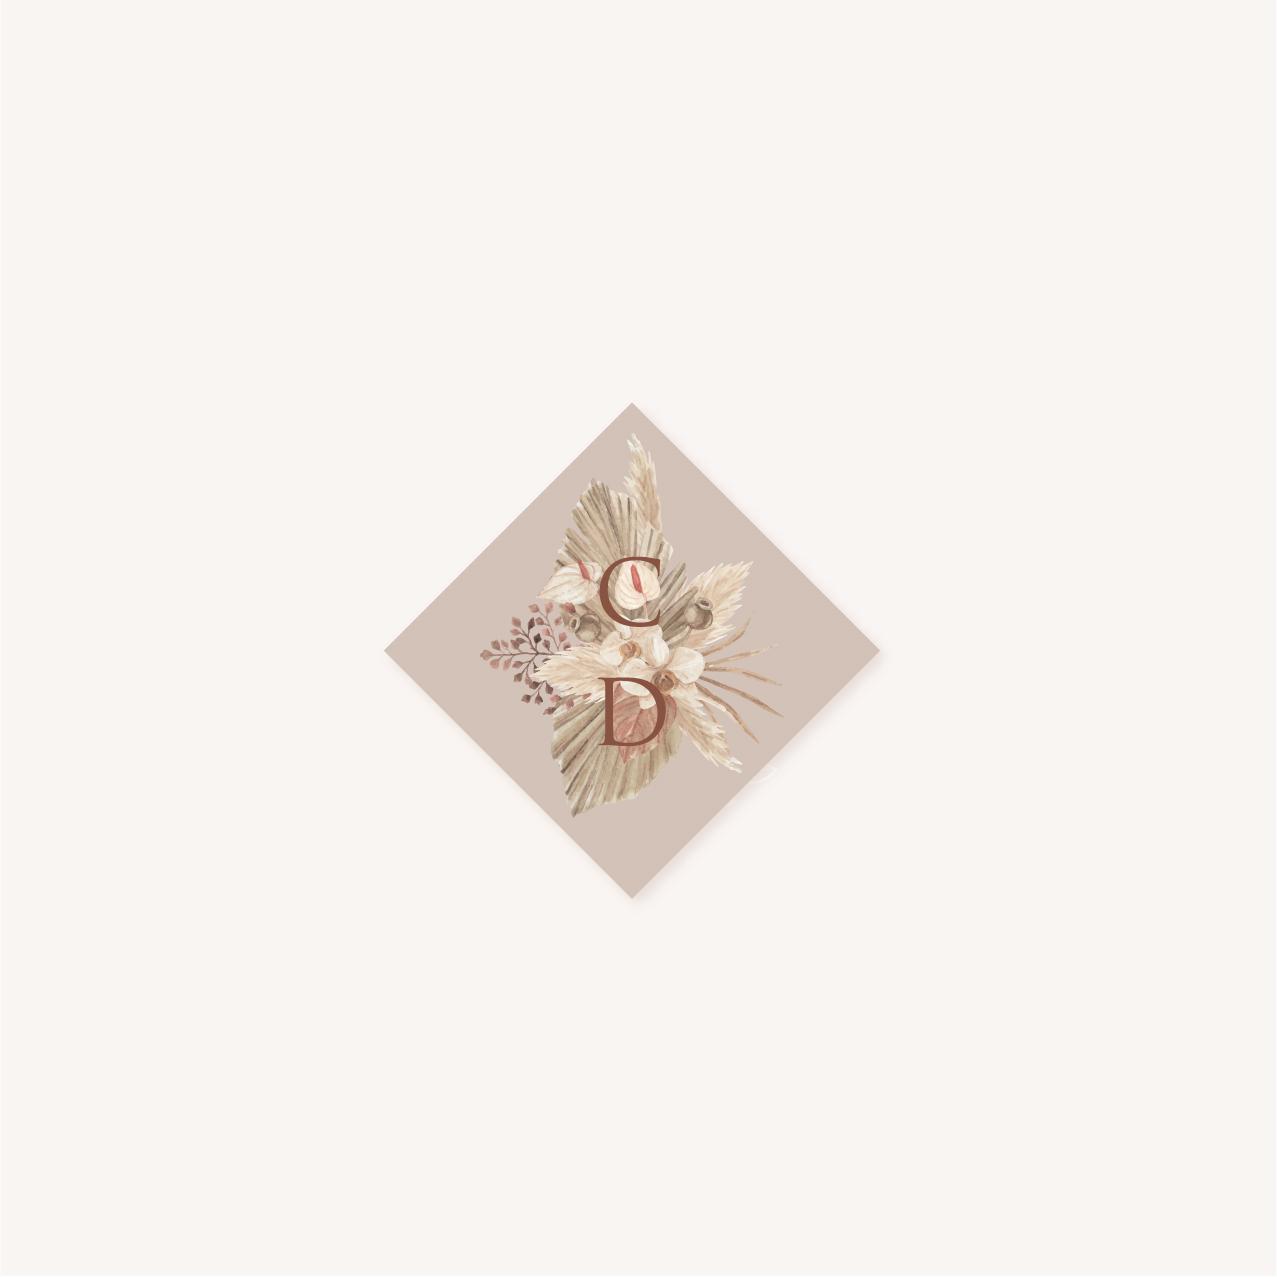 Étiquette adhésive pampa bohème boho boho chic Fleurs séchées floral mariage ocre terracotta